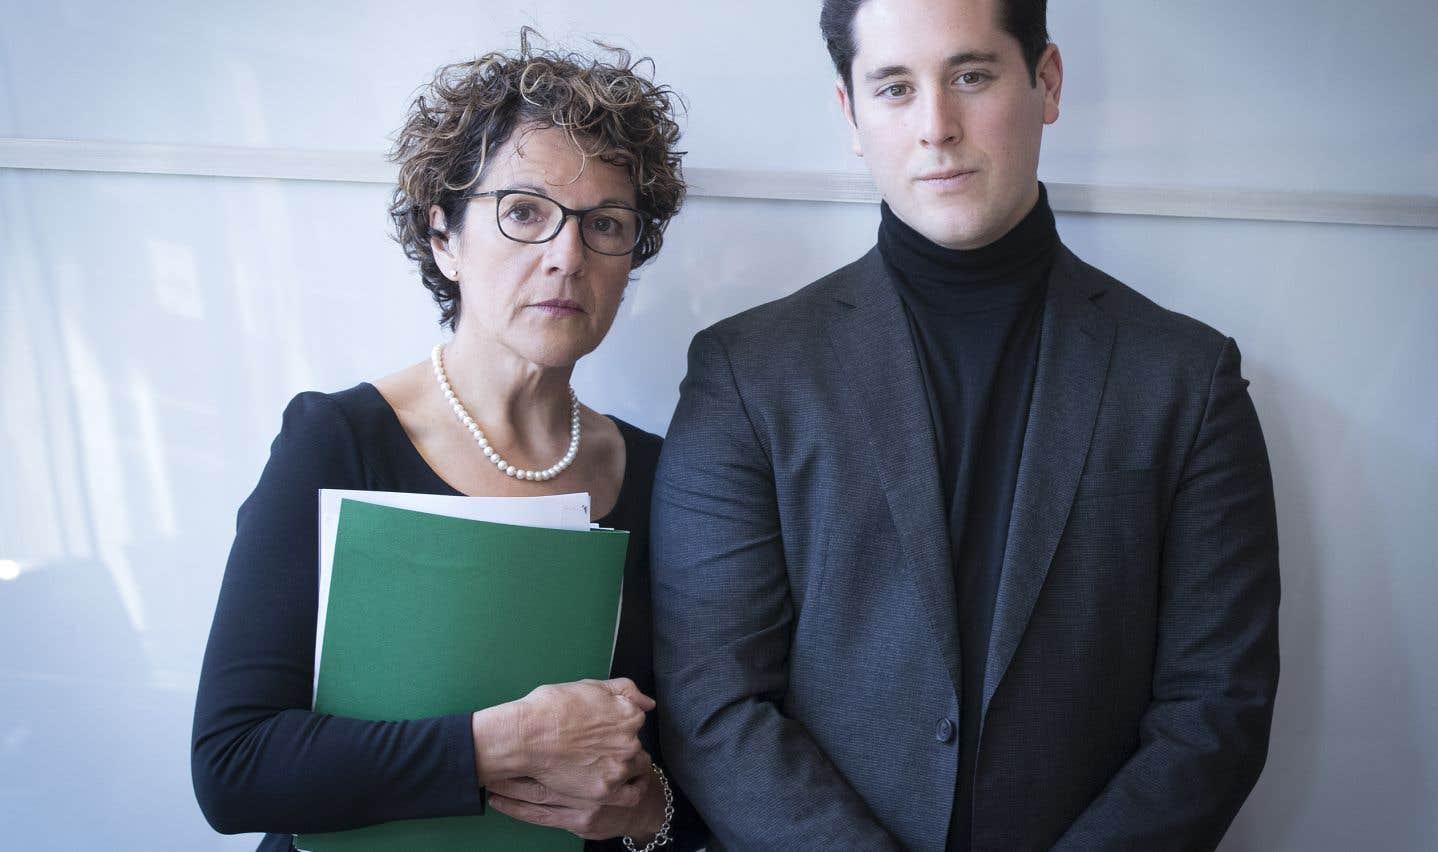 Un cas d'acharnement médiatique et juridique, estime la famille